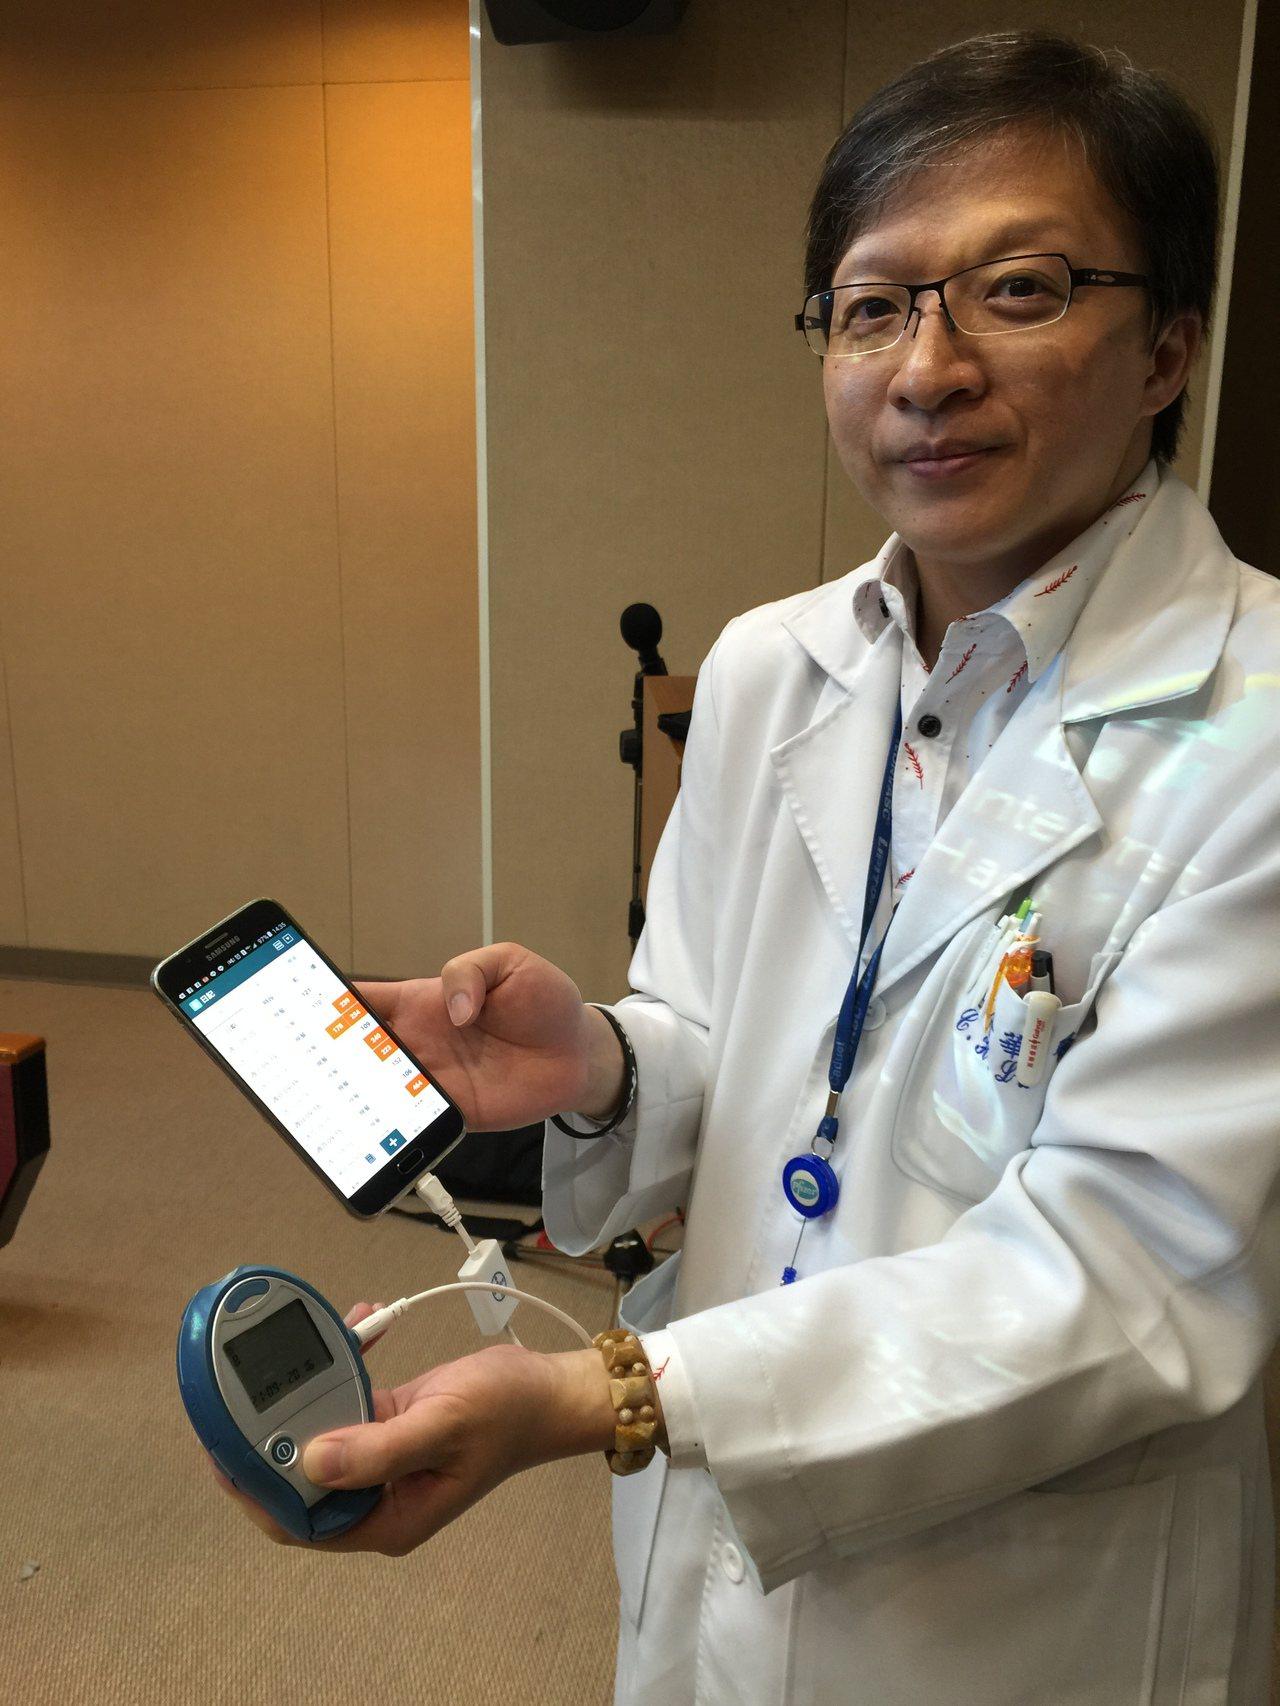 三軍總醫院新陳代謝科主治醫師呂介華,示範血糖機連結手機APP紀錄血糖值。記者黃安...